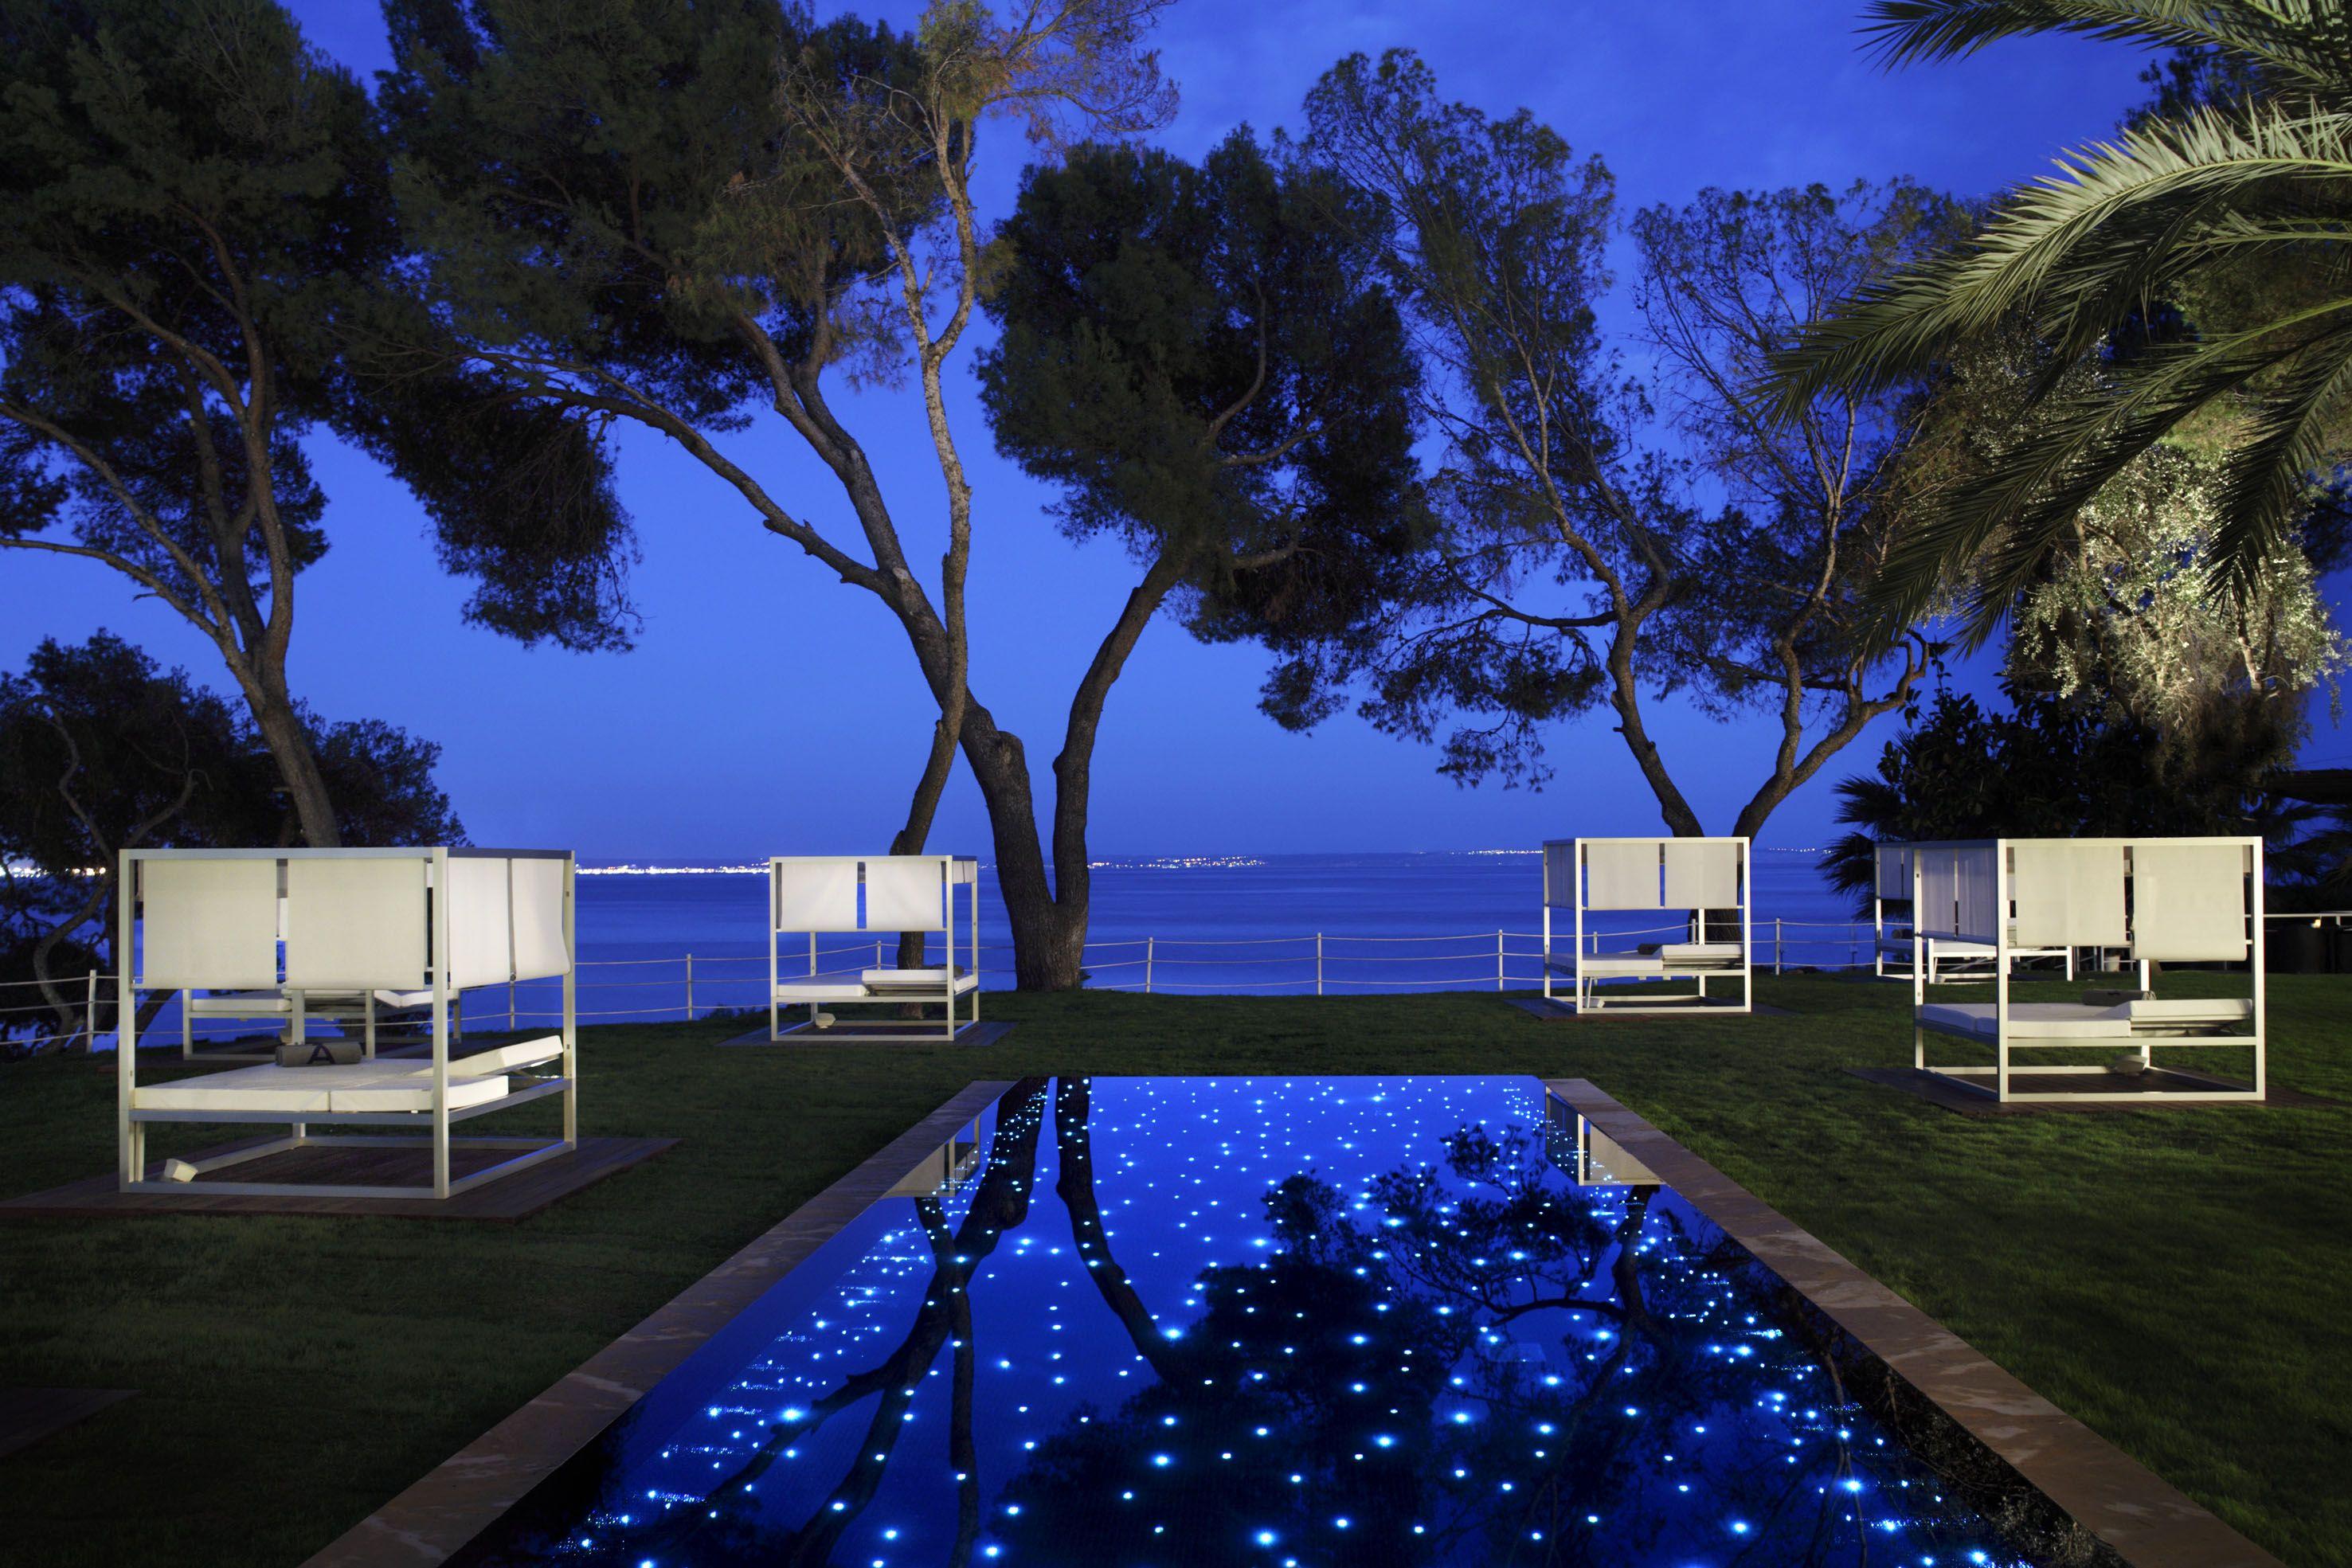 Una Sesion De Spa A Media Noche En La Playa Con El Melia De Mar En Illetas Palma De Mallorca Adultsonly Hoteles De Lujo Hoteles Hoteles De Playa